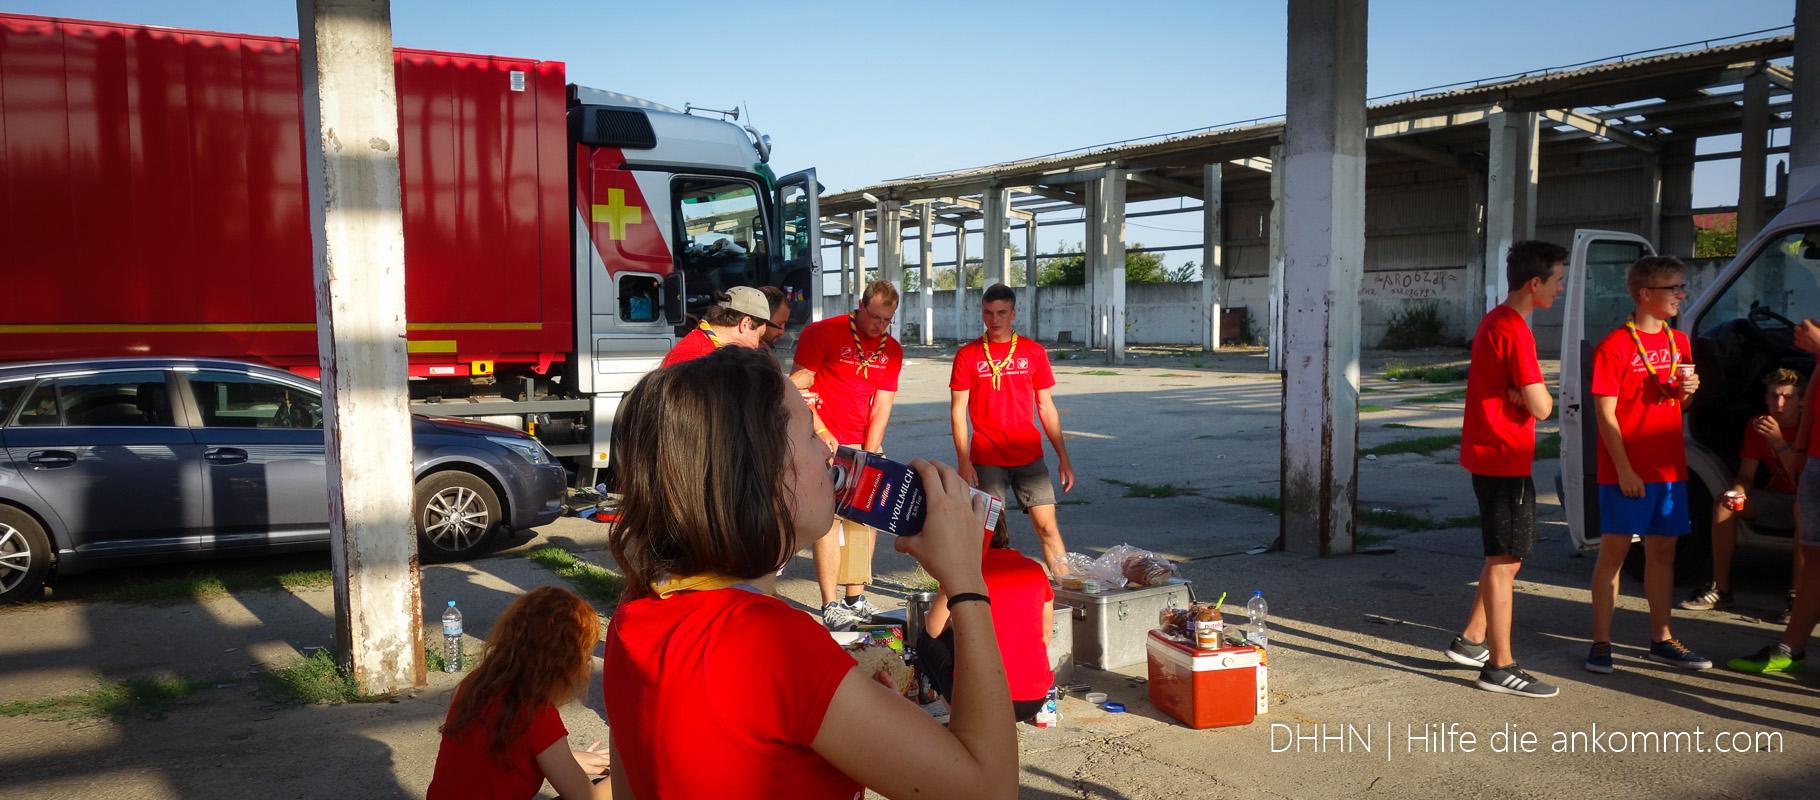 2017 09 Baueinsatz und Hilfstransport Rumänien - DHHN